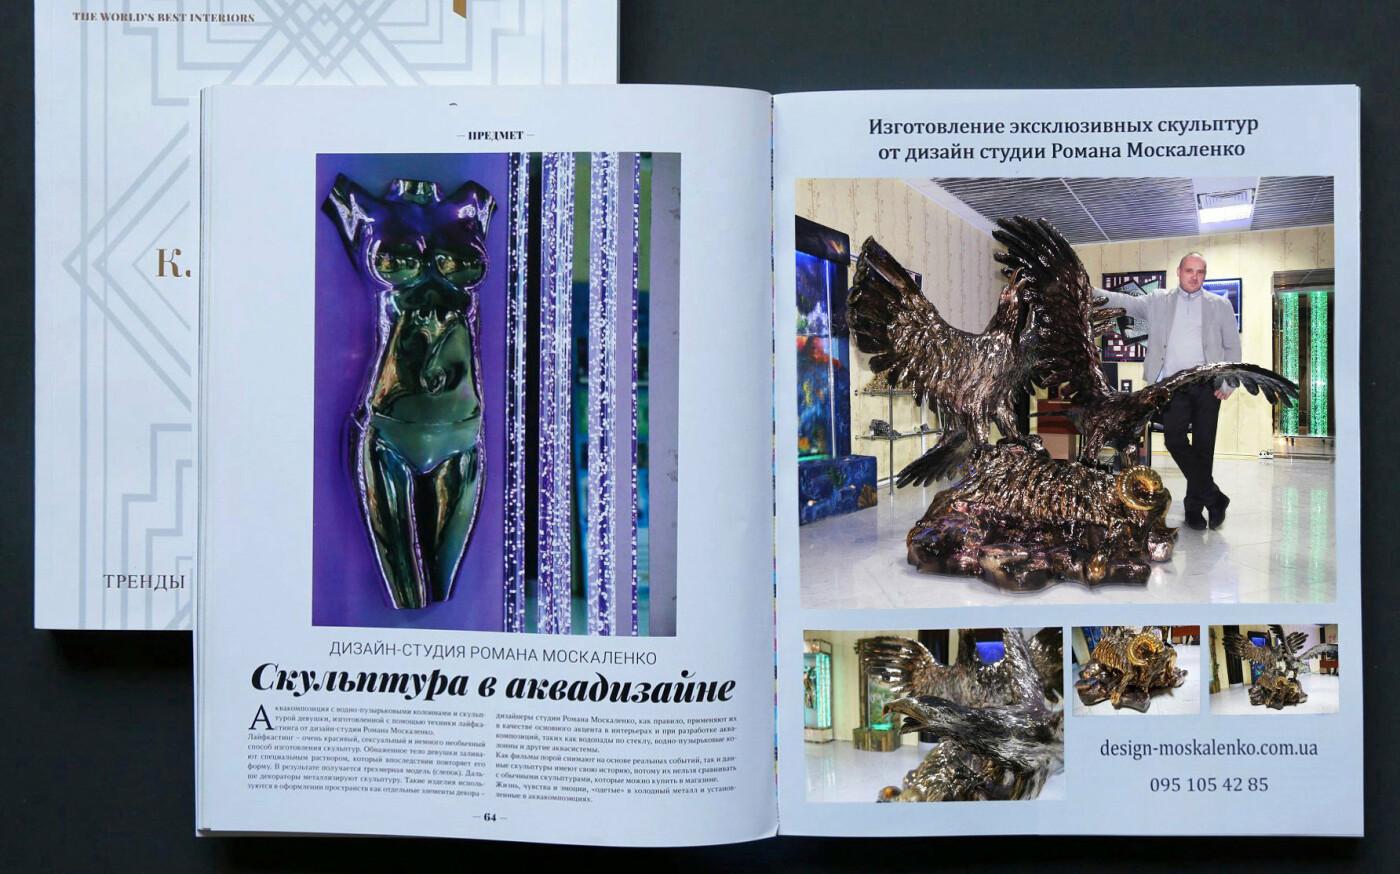 Скульптура, Дизайн-студия Романа Москаленко